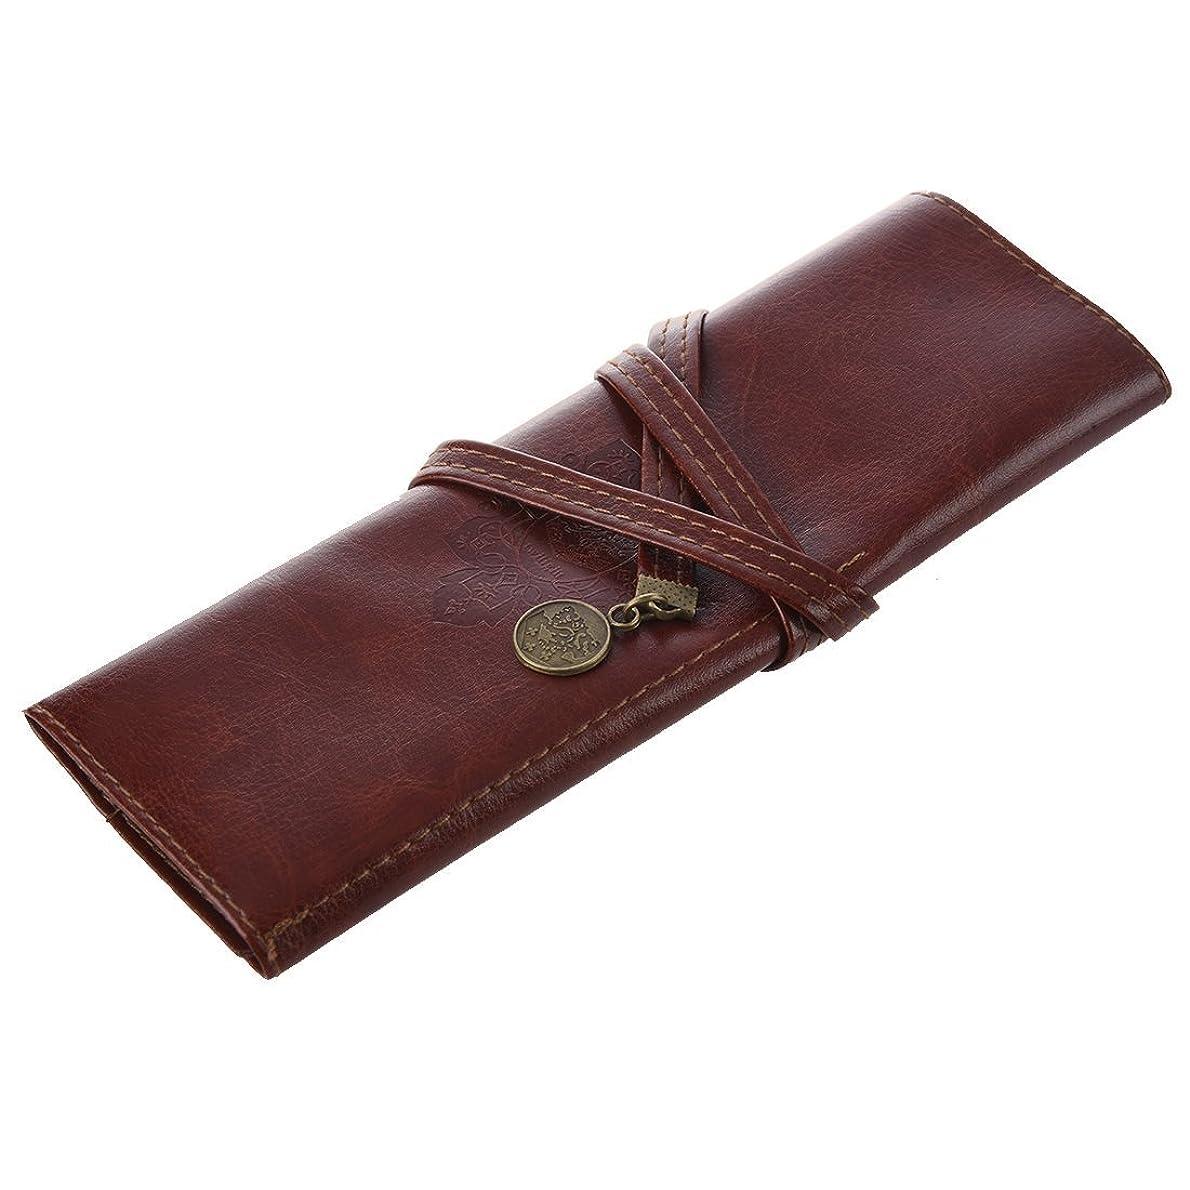 極地逆にホステル化粧ブラシバッグ,SODIAL(R) 1個のケースPUレザーペンペンシルケースペンシルバッグ化粧ブラシバッグ